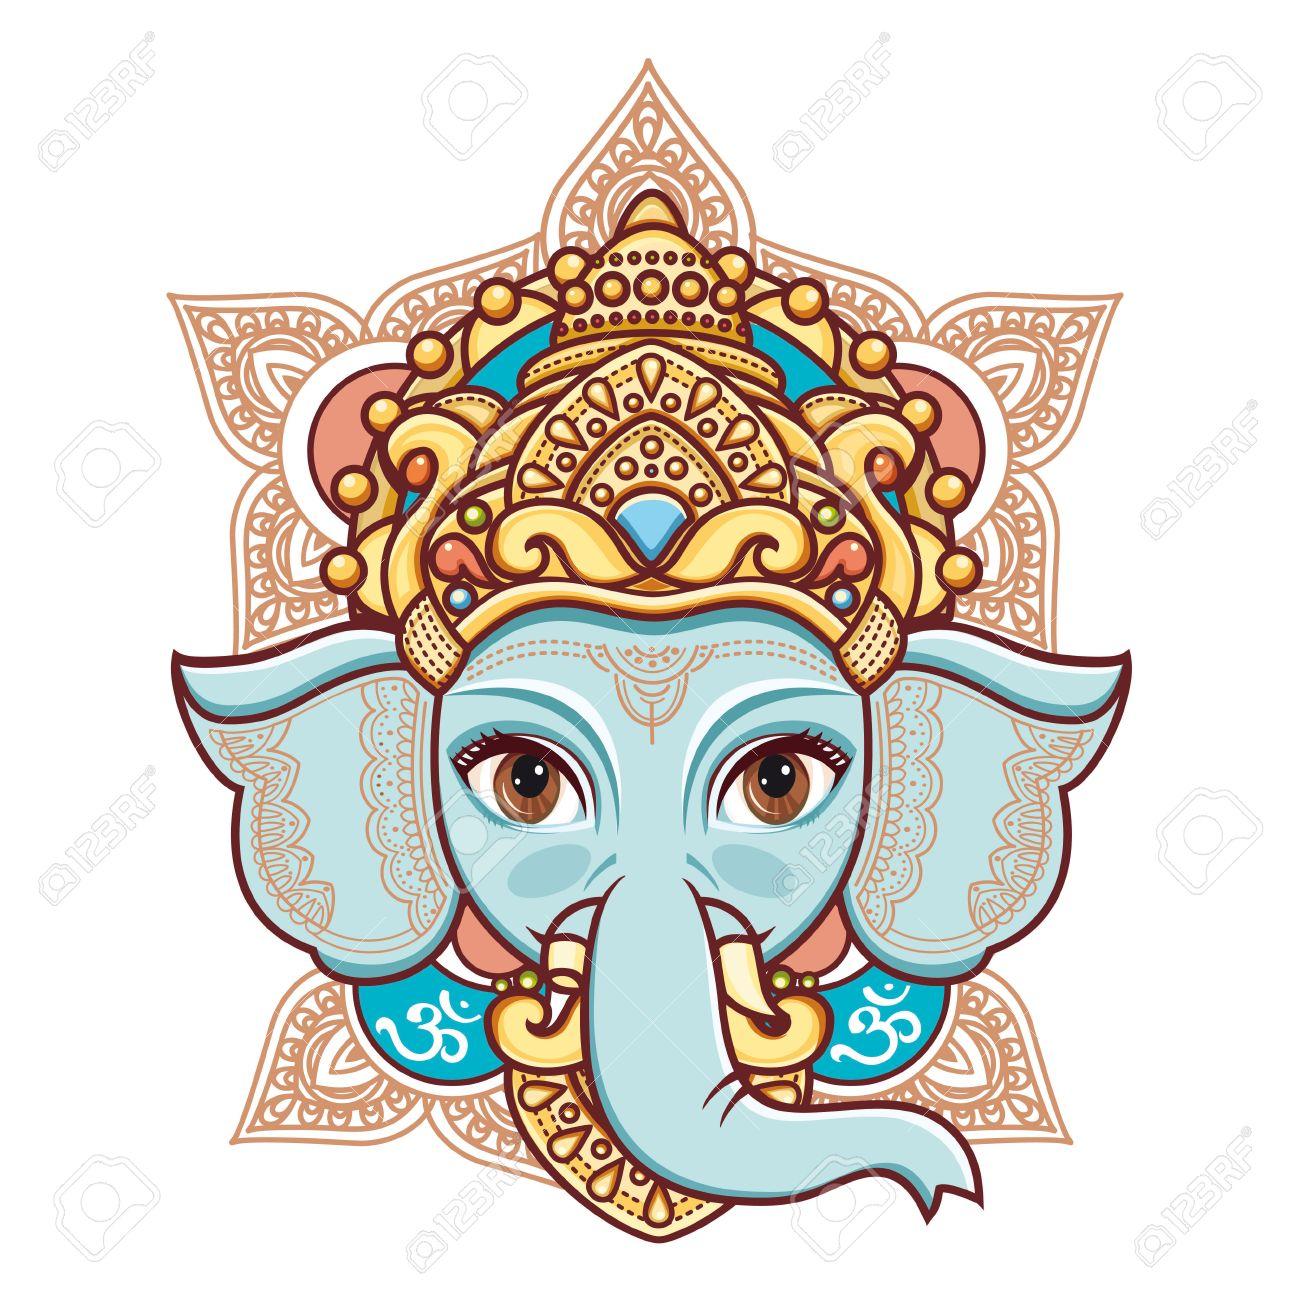 Cabeza De Elefante Ganesh Dios Hindú Señor Hinduismo Feliz Ganesh